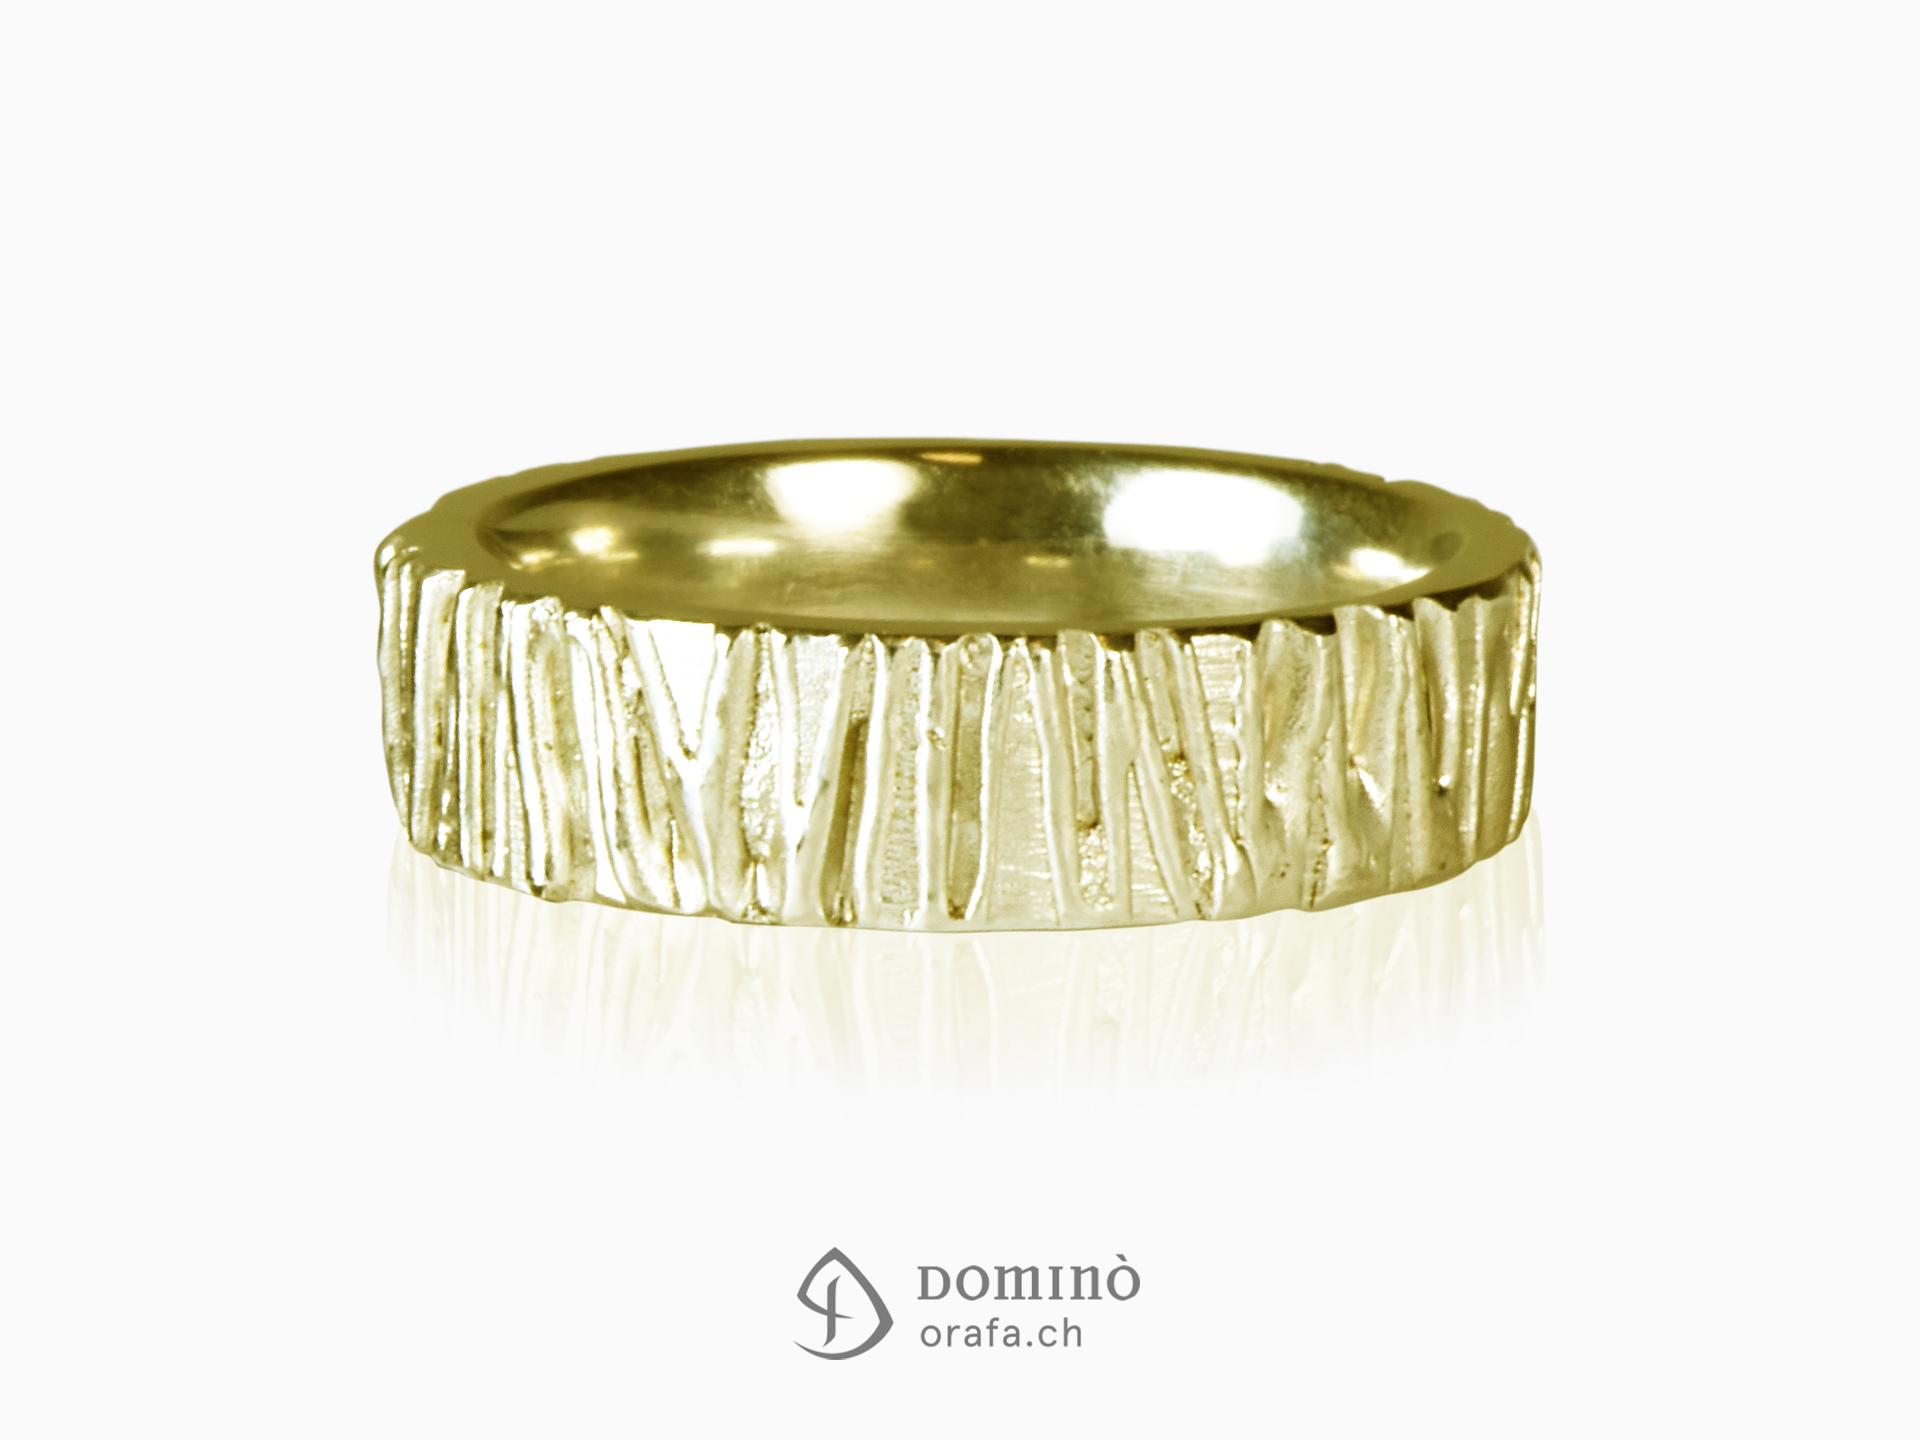 Variant solchi ring